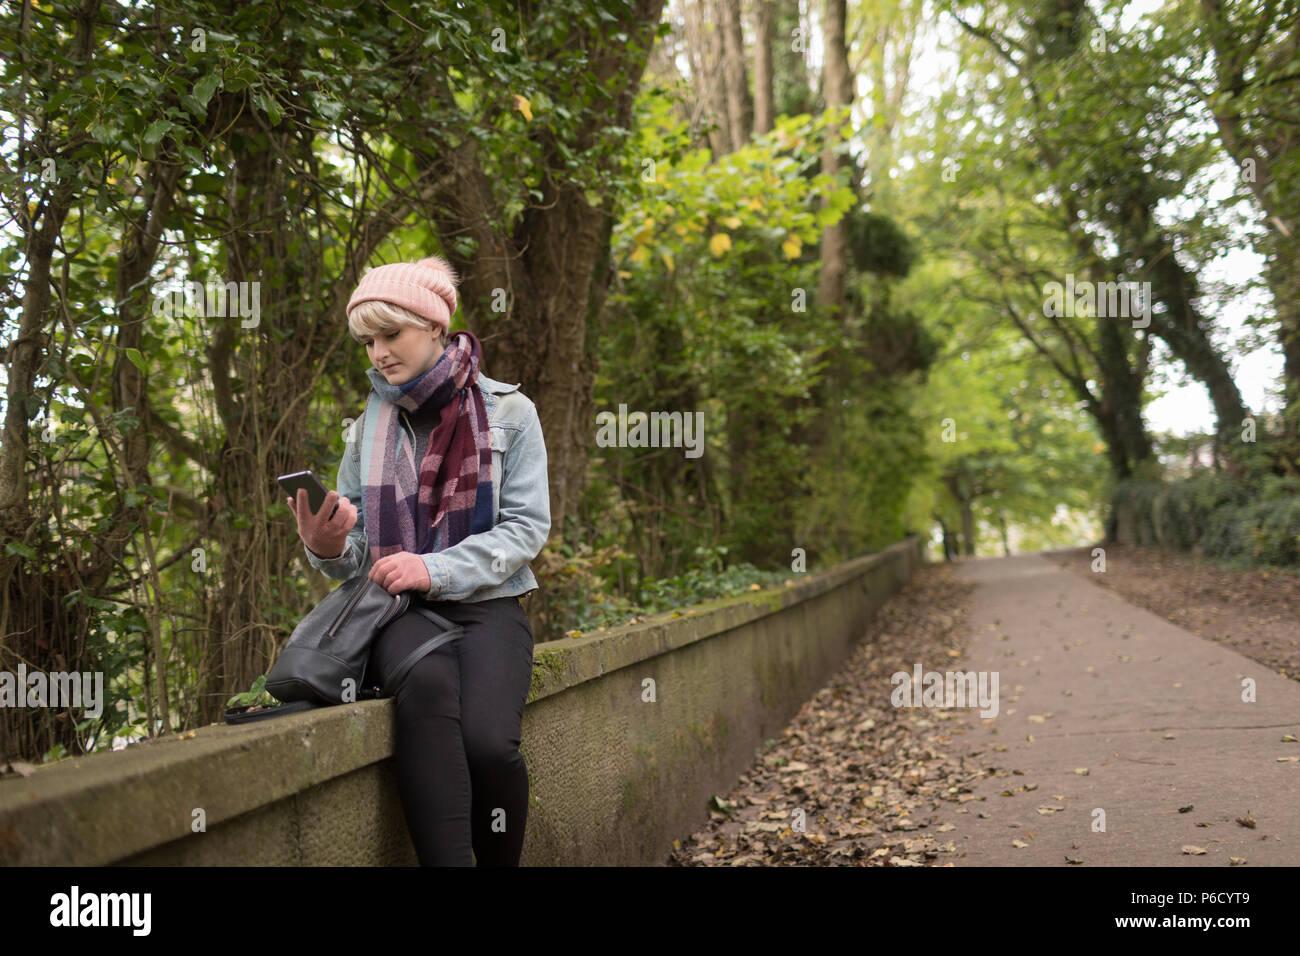 Jeune femme dans des vêtements chauds en utilisant son téléphone portable Banque D'Images